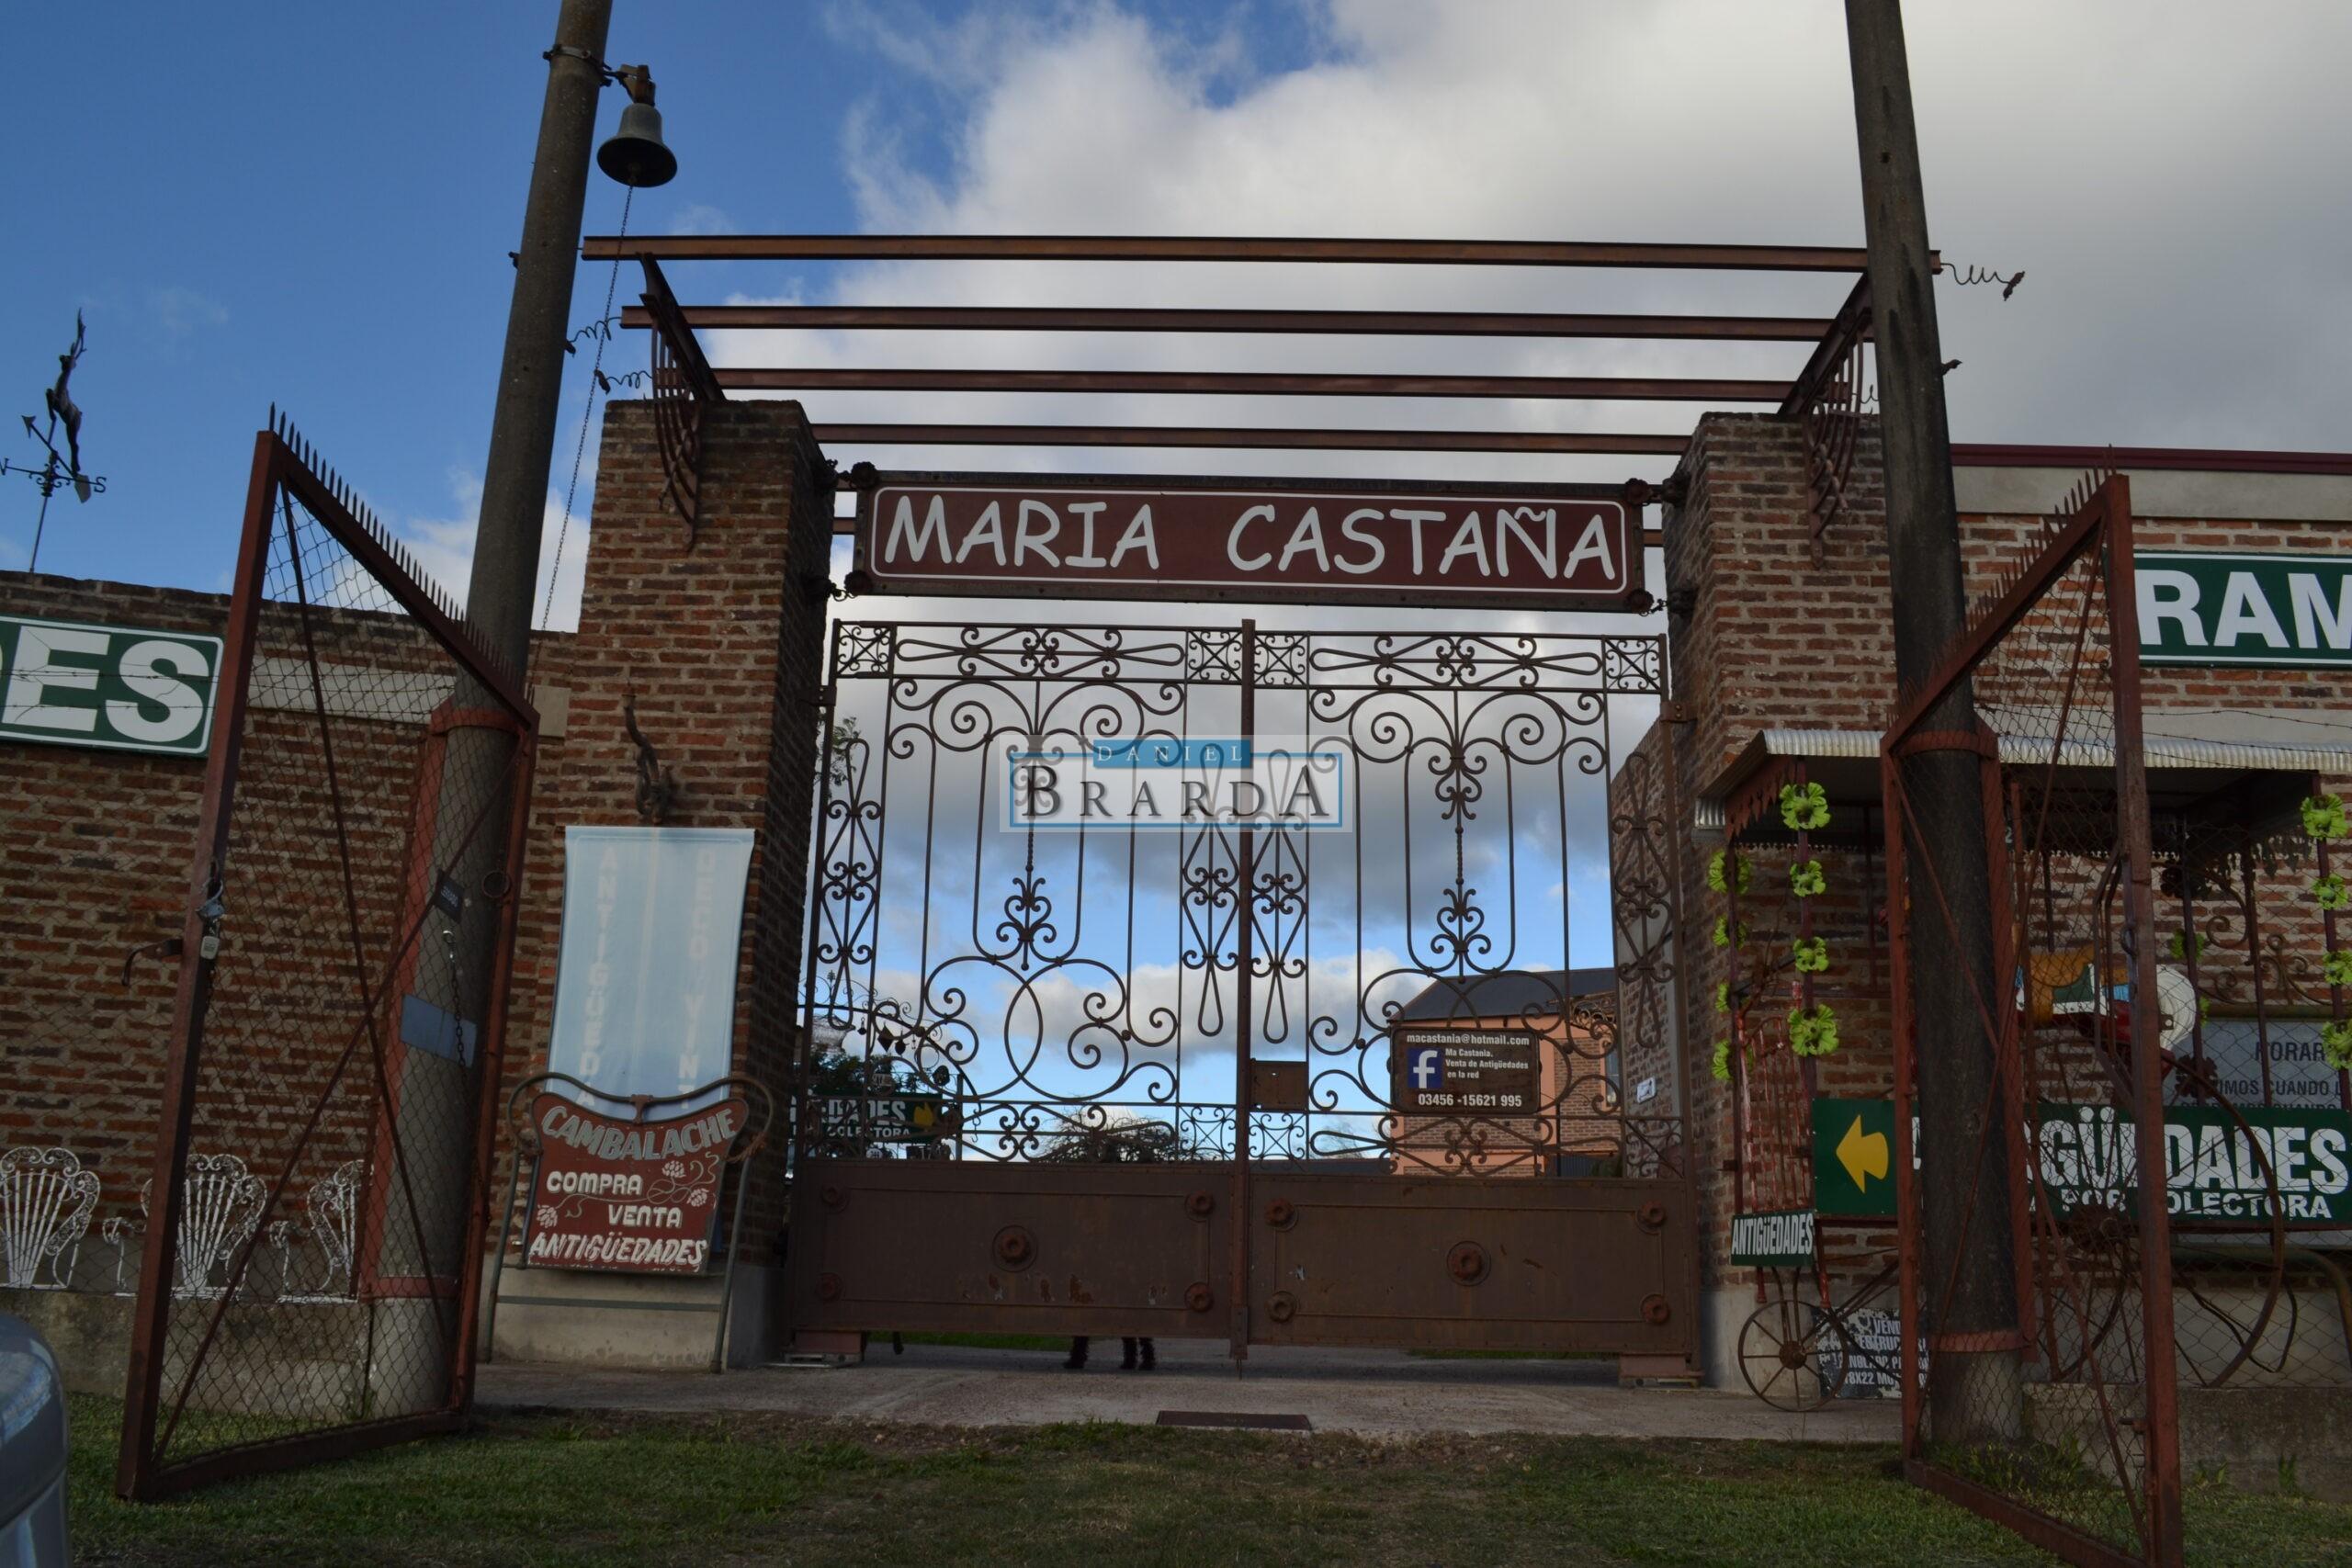 Complejo María Castaña Antigüedades en Km 328 Autovia Artigas en Chajari